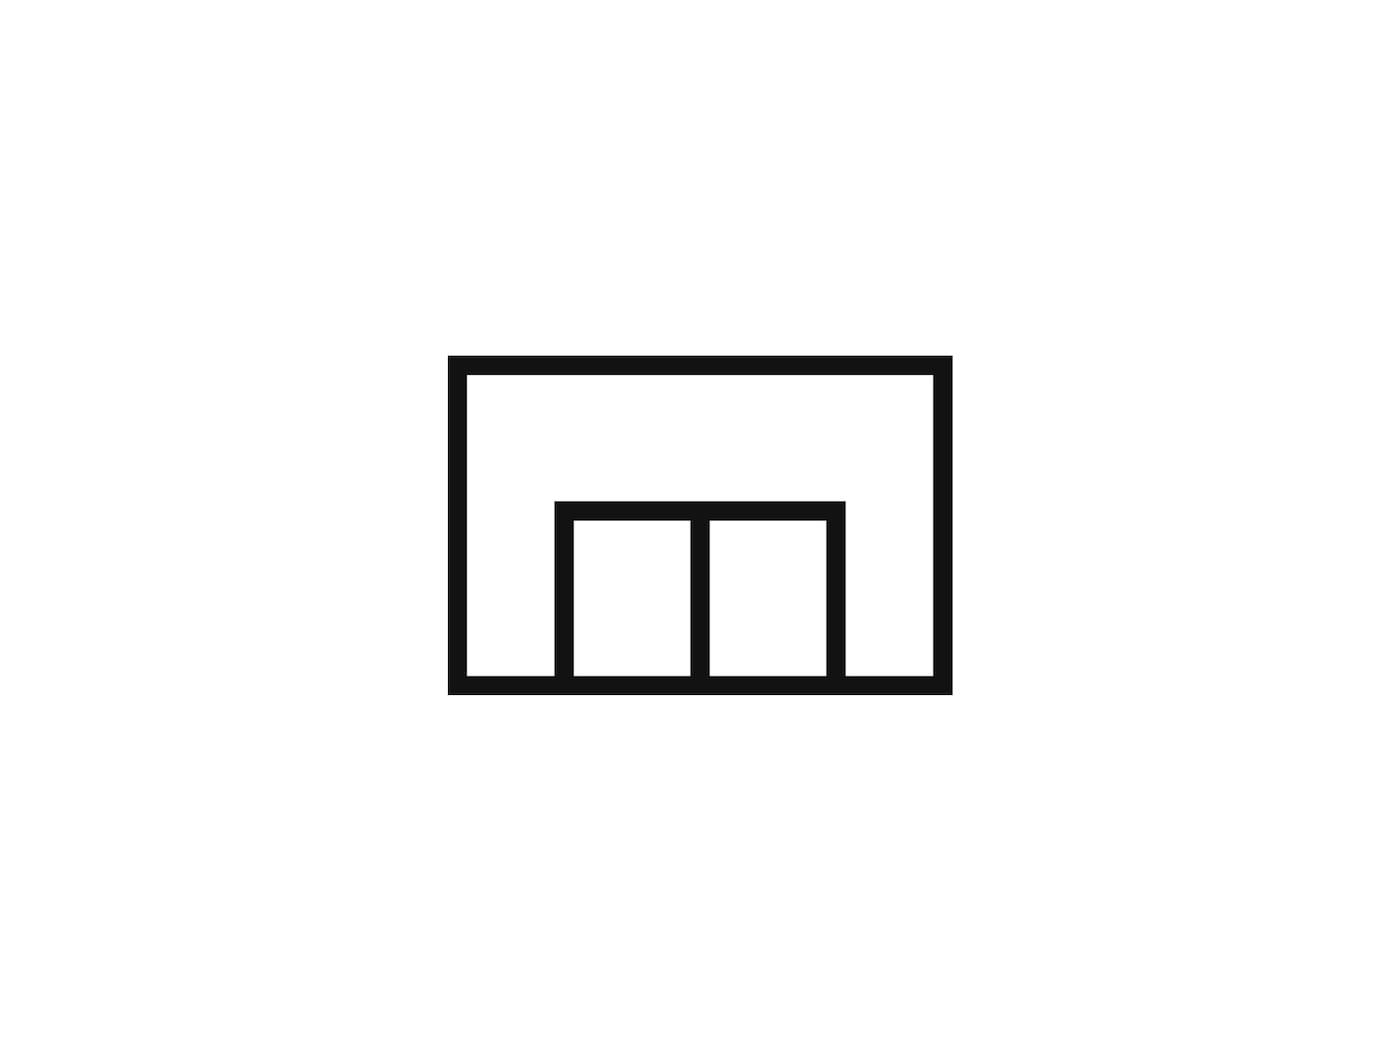 Piktogram symbolizující nákup v obchodním domě.